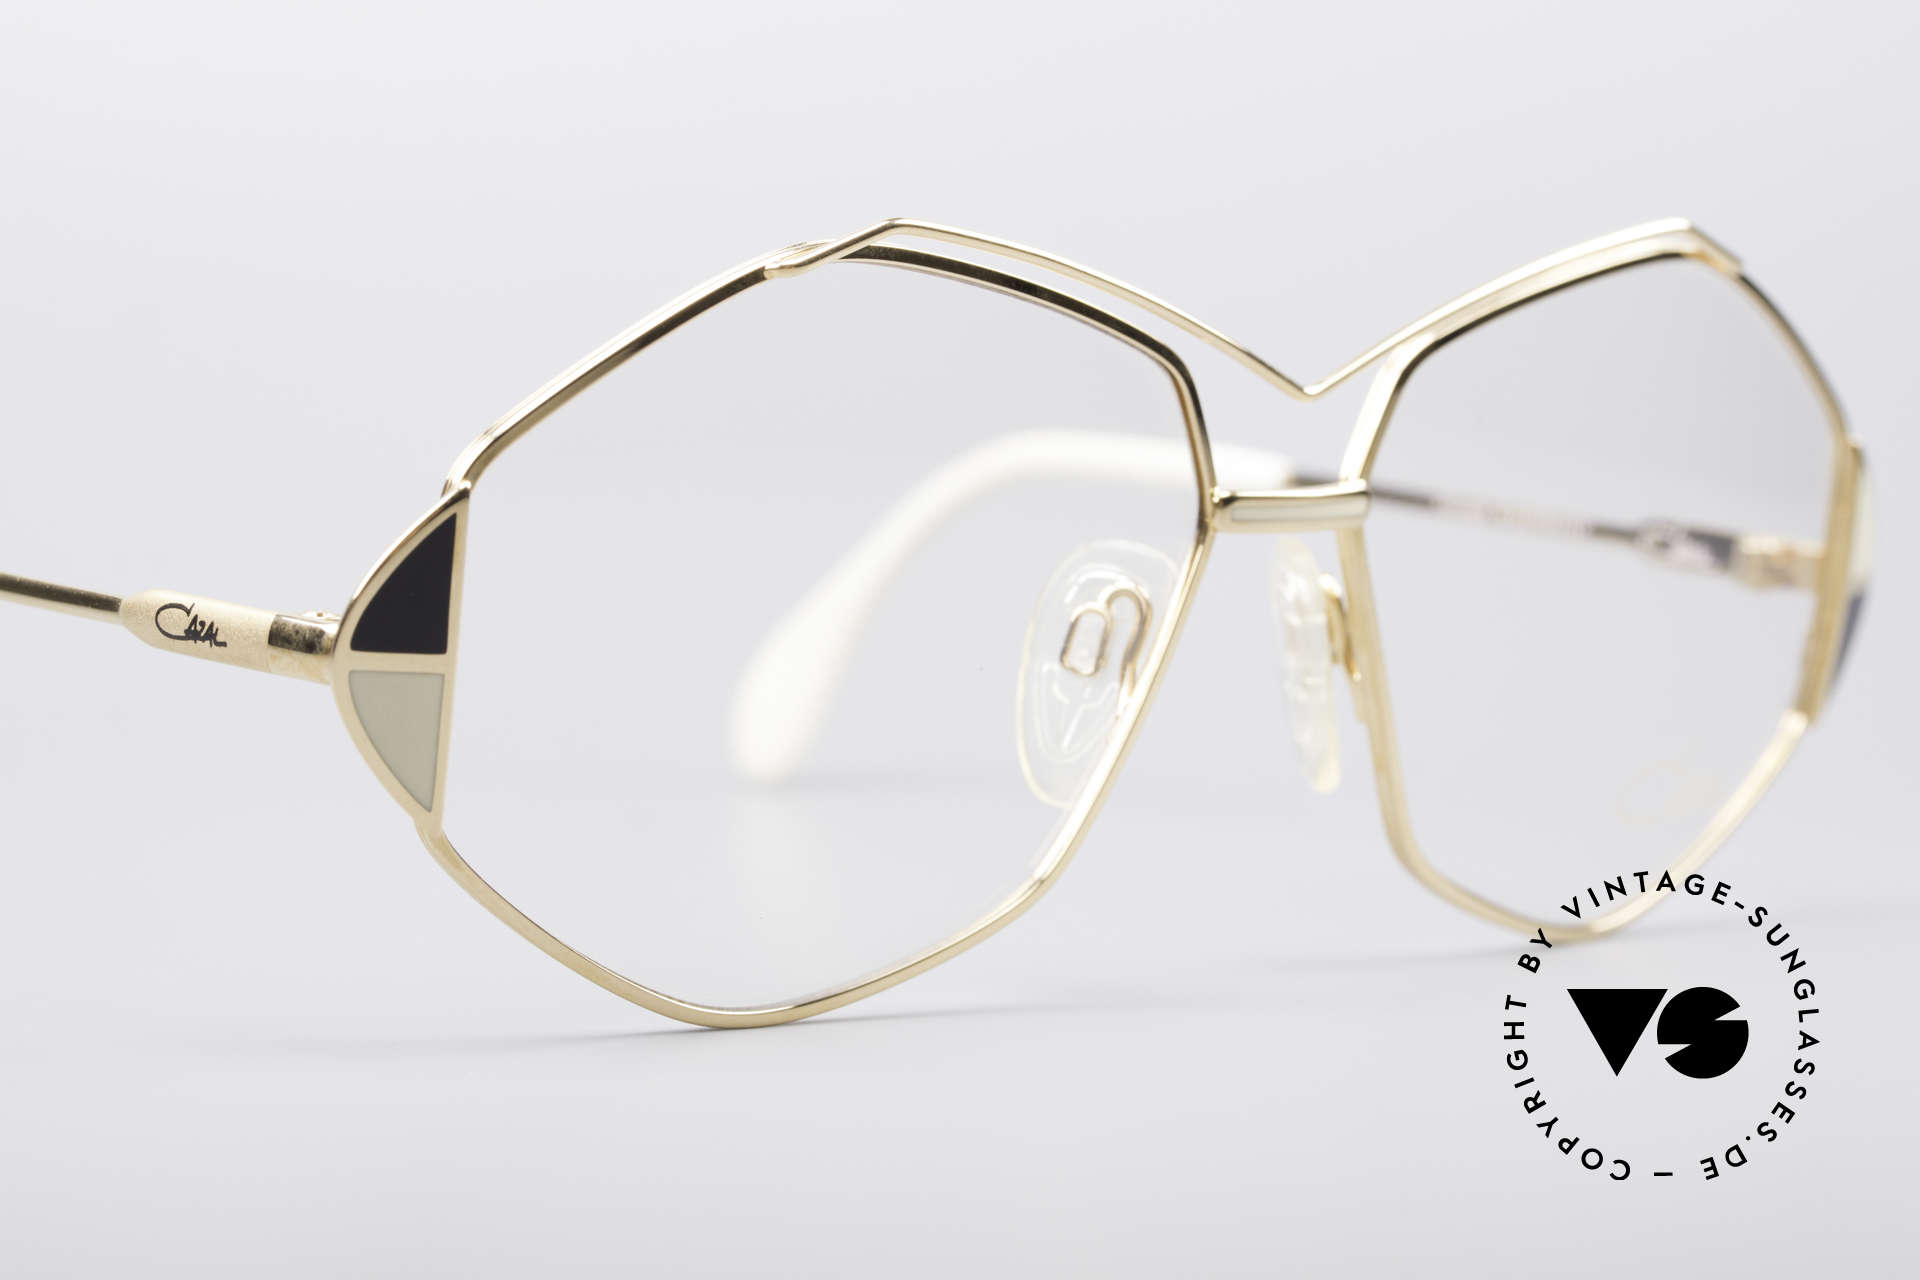 Cazal 233 Vintage West Germany Brille, KEINE Retrobrille, sondern ein altes 80er Original, Passend für Damen